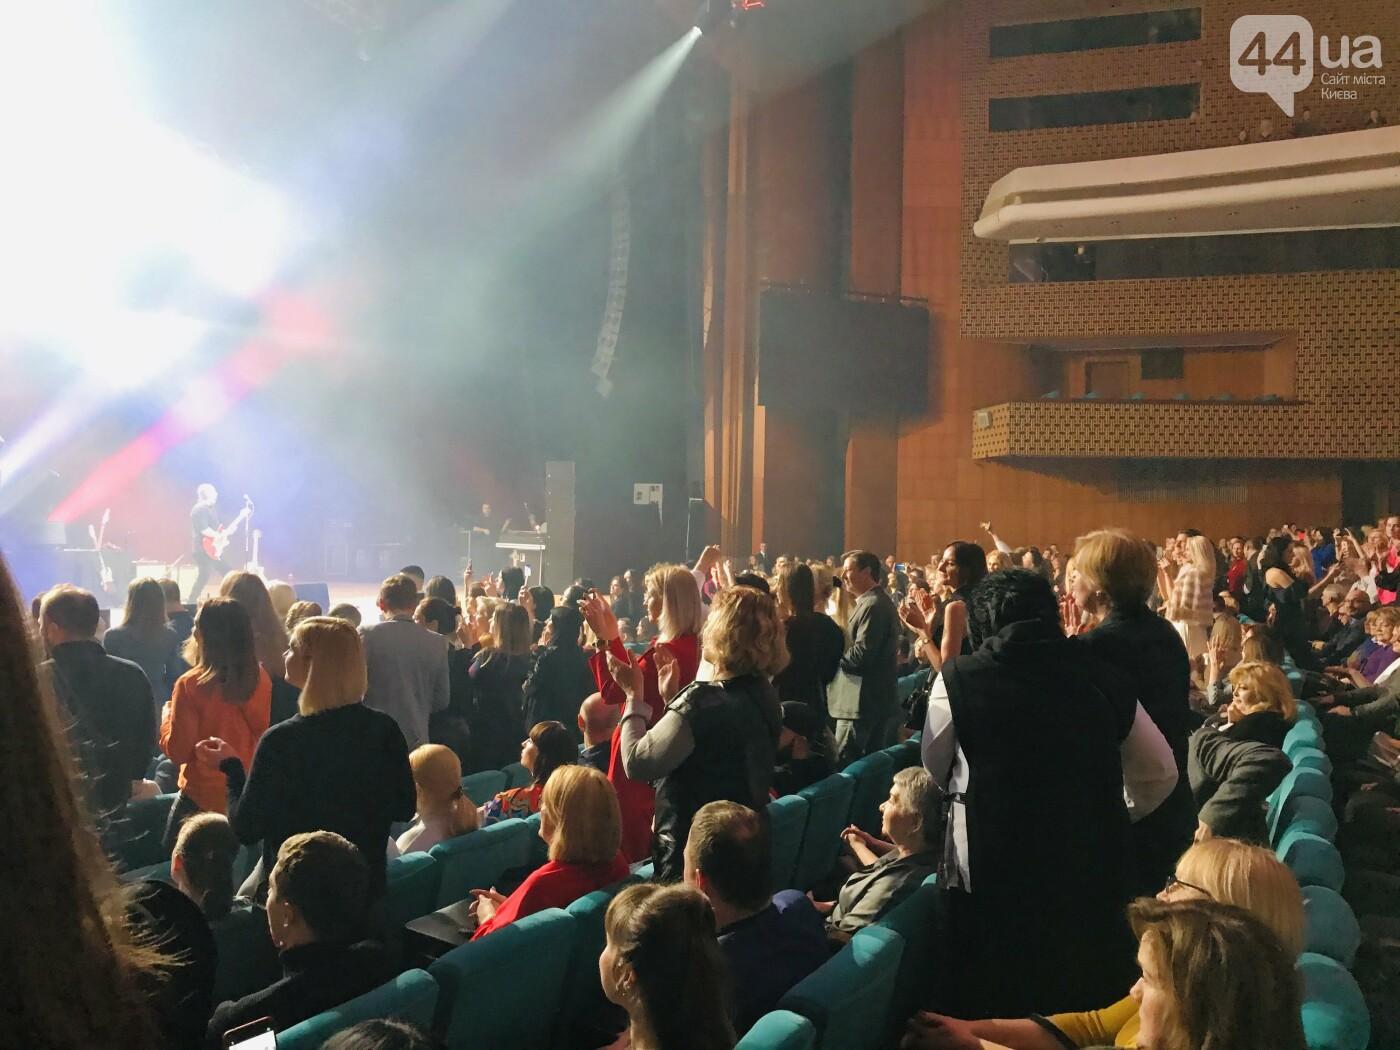 В Киеве выступил самый известный баритон с мюзикла Notre-Dame de Paris, - ФОТО, фото-32